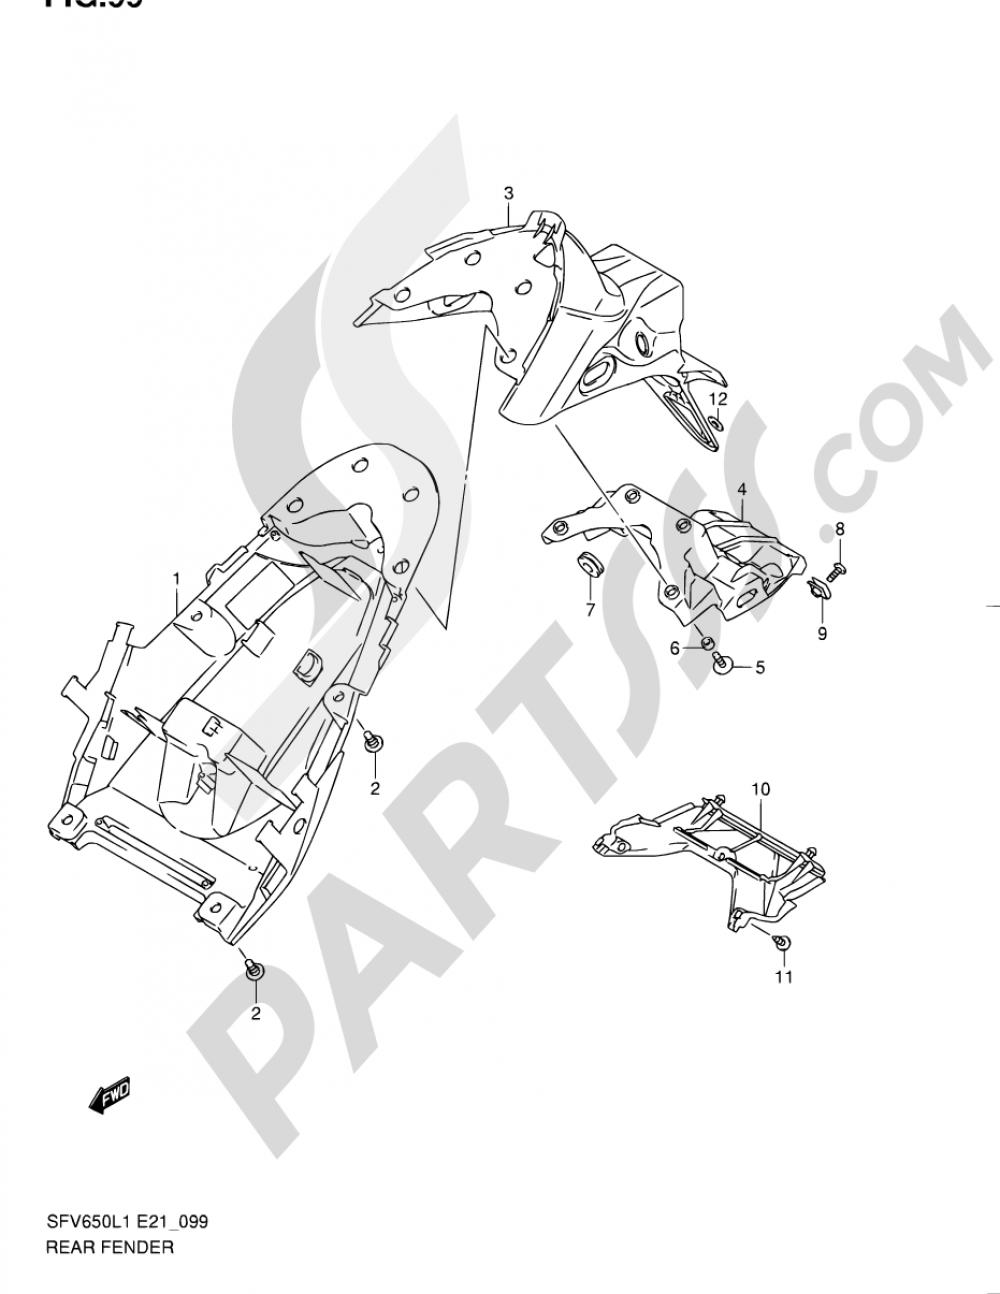 99 - REAR FENDER (SFV650UL1 E21) Suzuki GLADIUS SFV650 2011